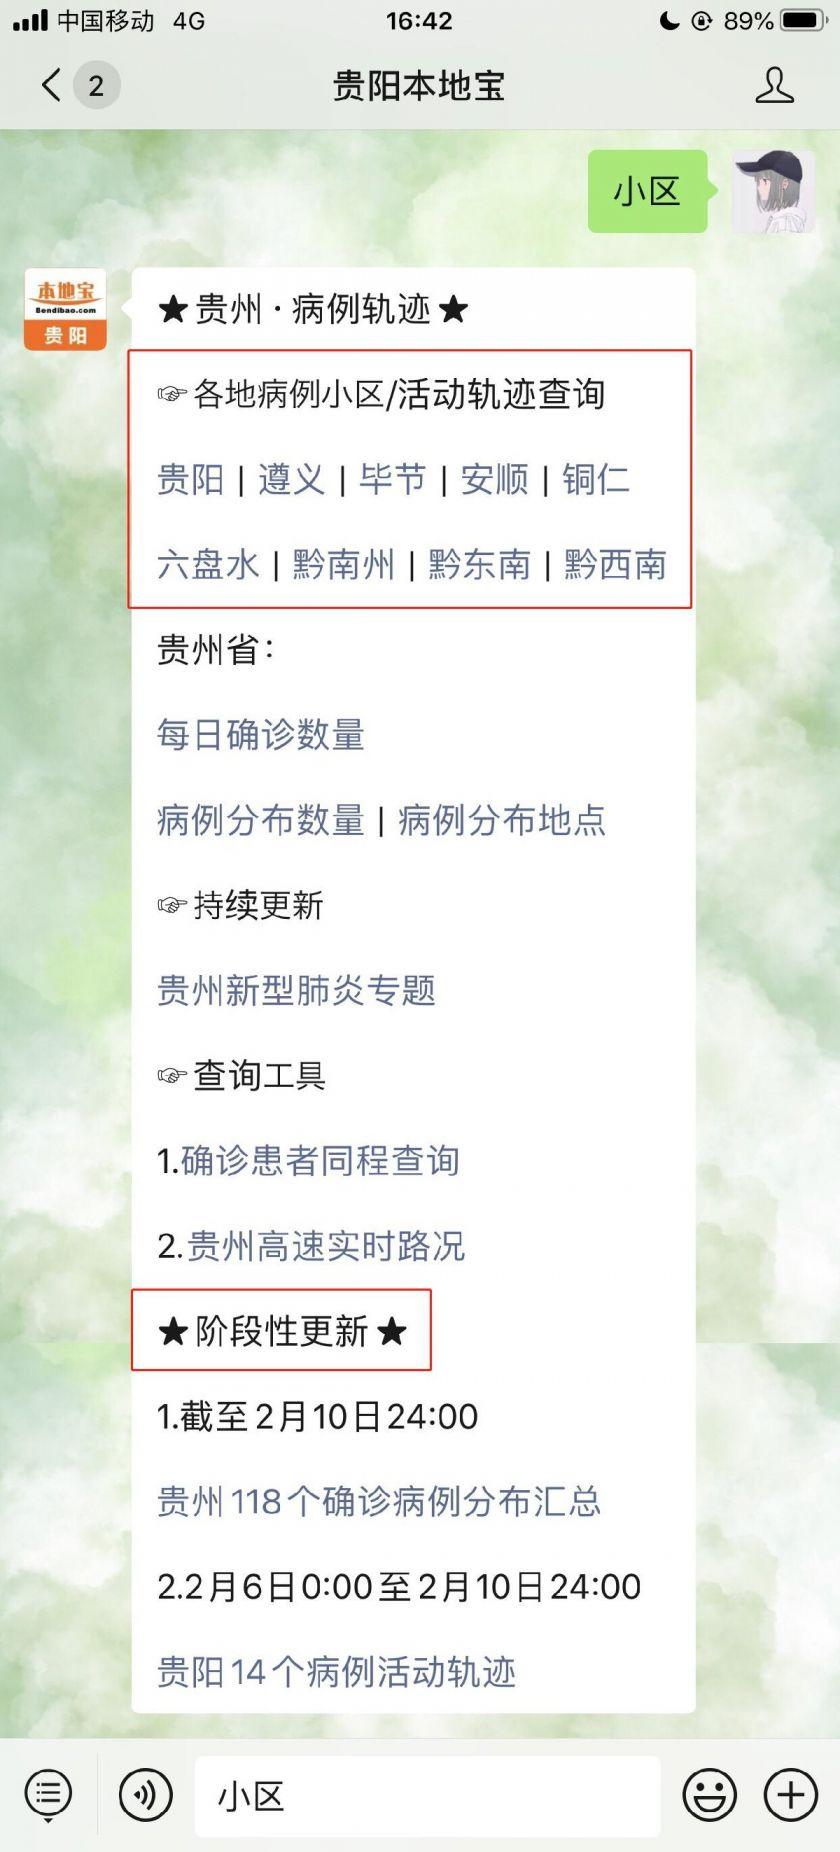 贵州毕节增加的新型肺炎病人是哪里的?(每日更新)